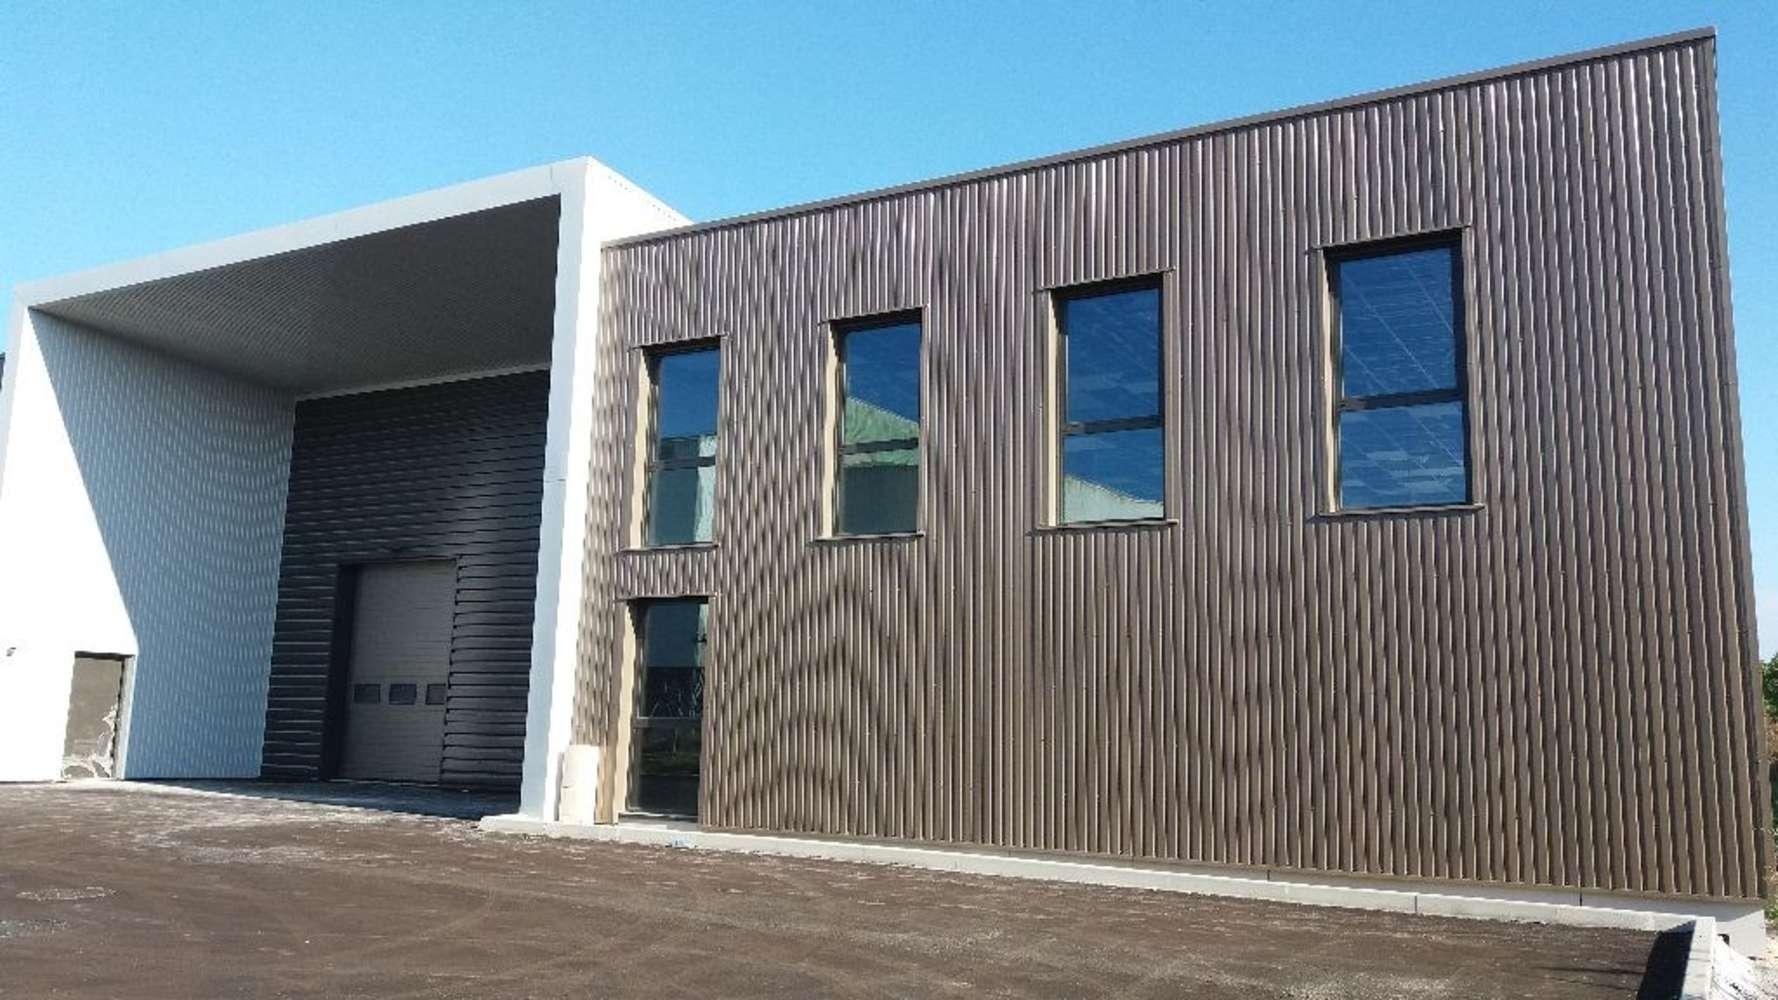 Activités/entrepôt Montluel, 01120 - Cap&Co Montluel - Parc d'activité Ain - 9629161